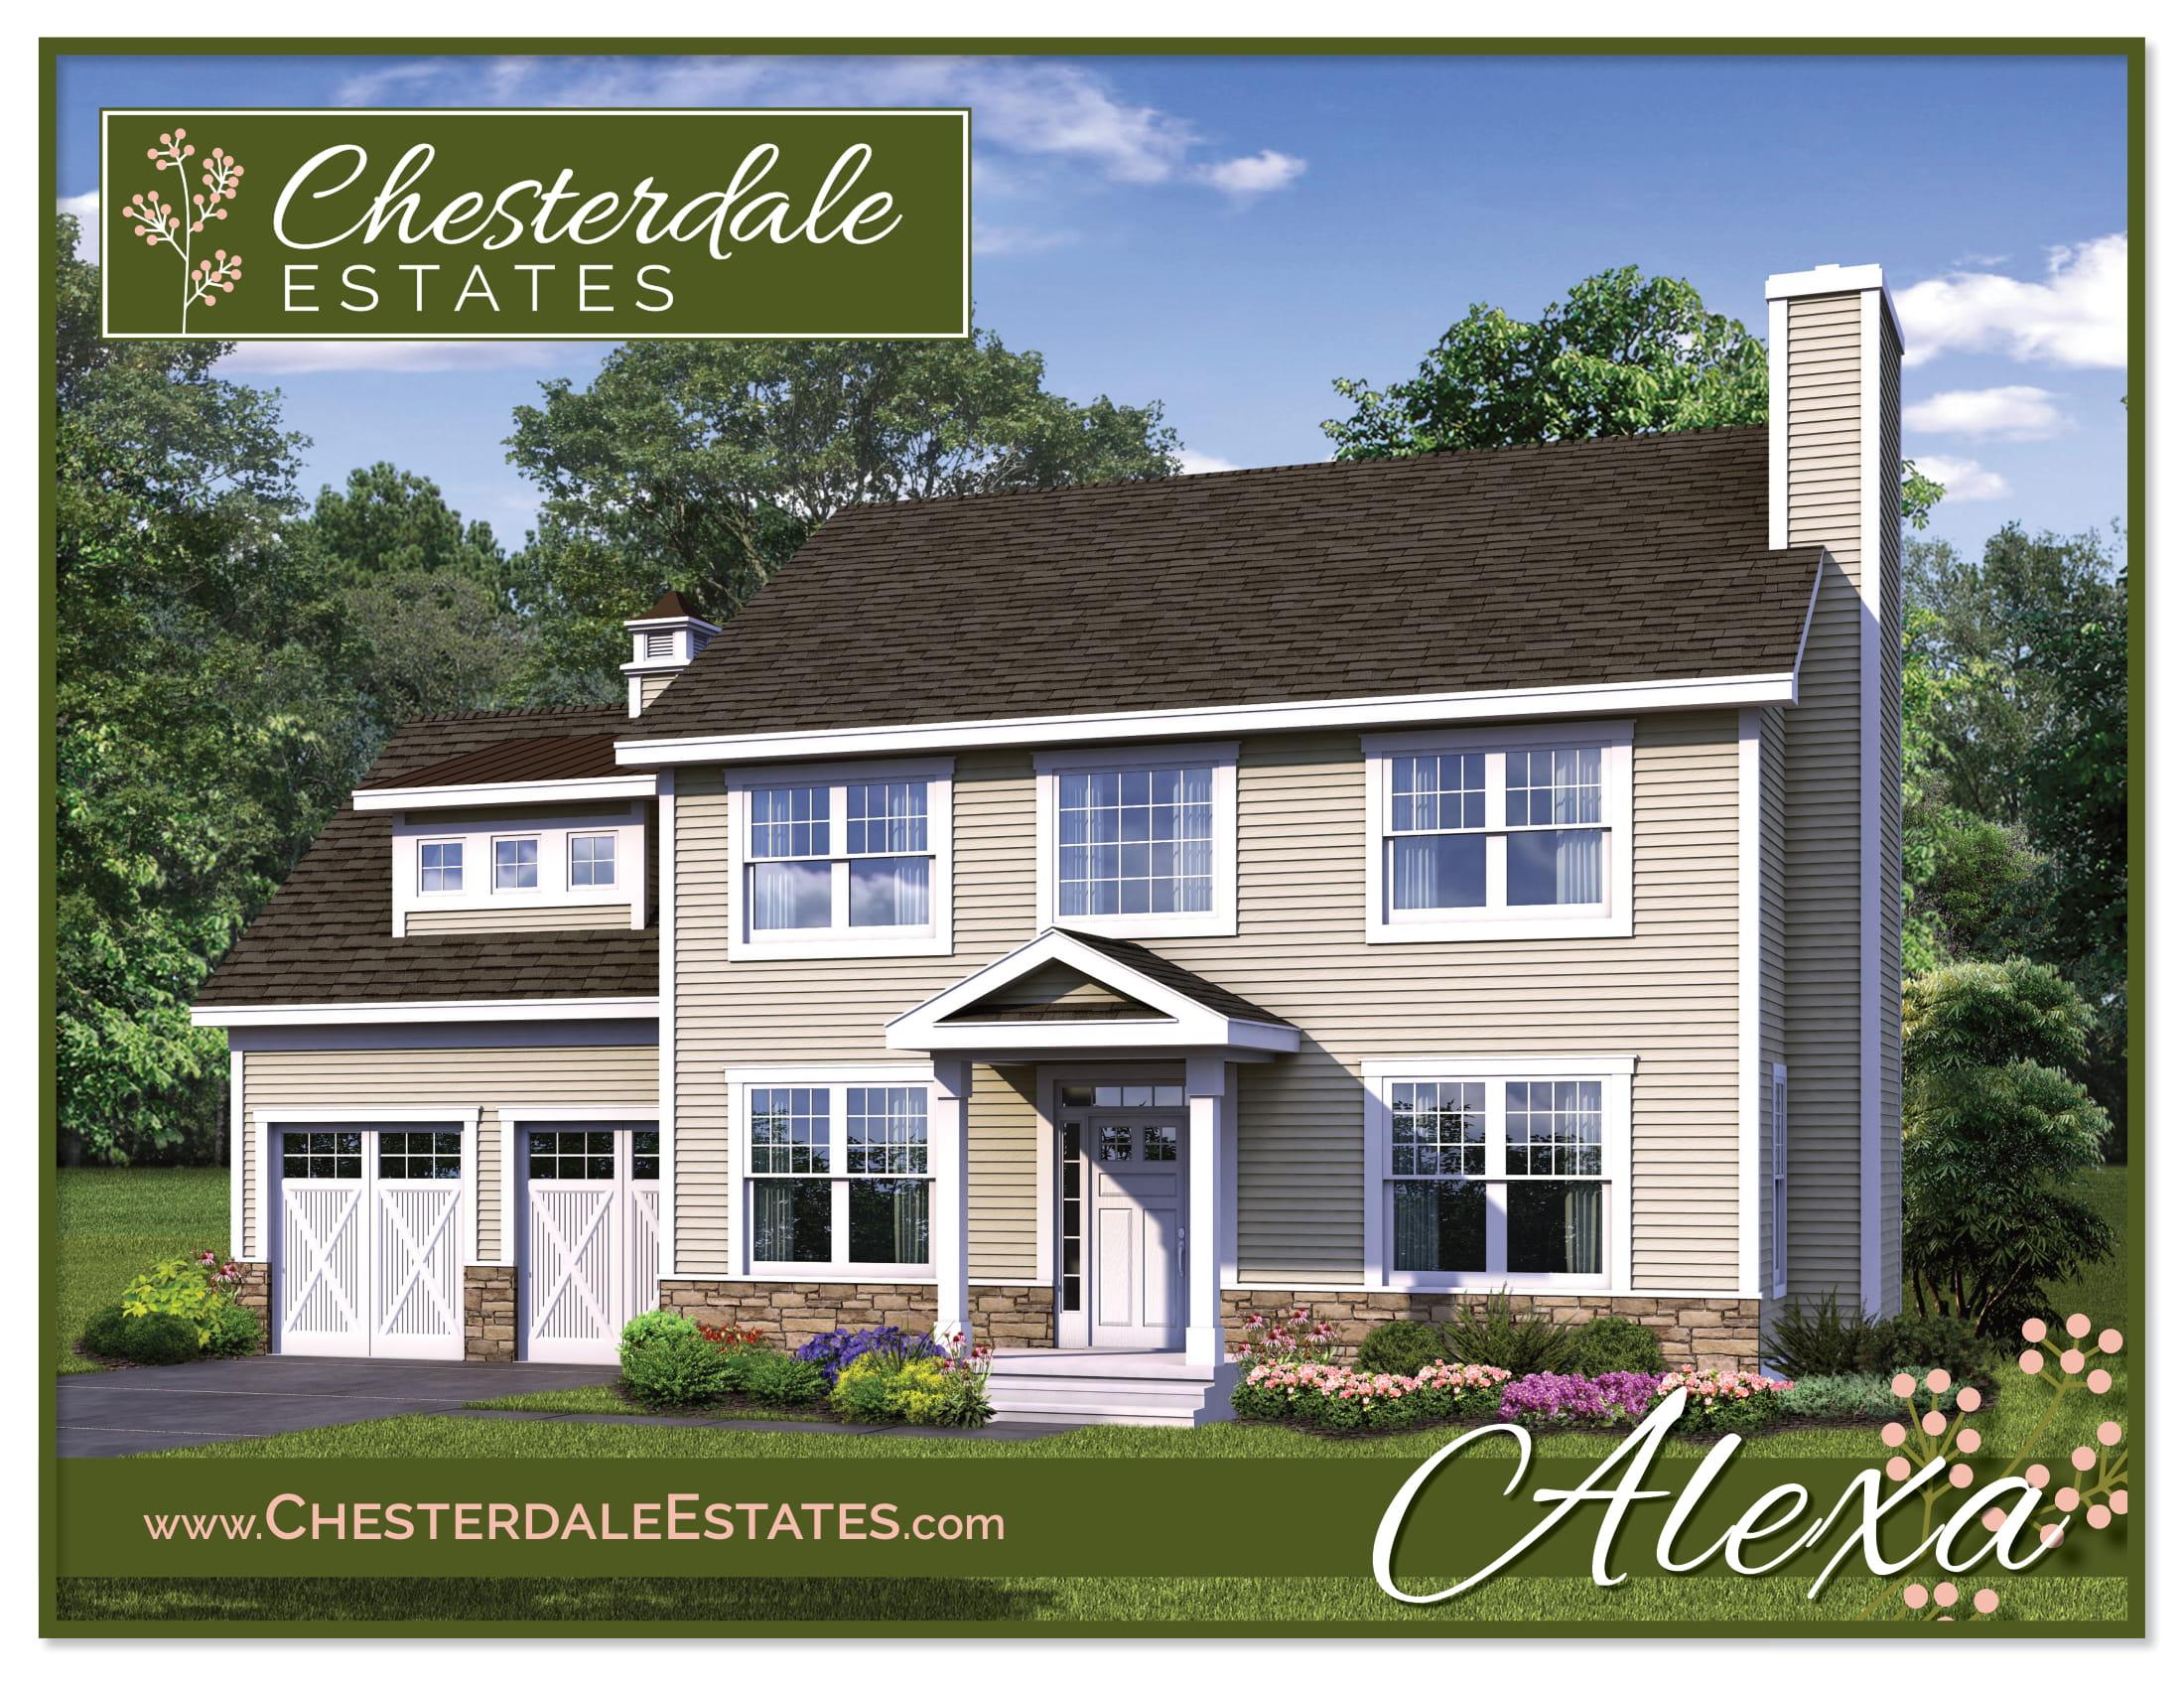 Christopher Ogden Middletown Ny Real Estate Thealexa Chesterdale 1